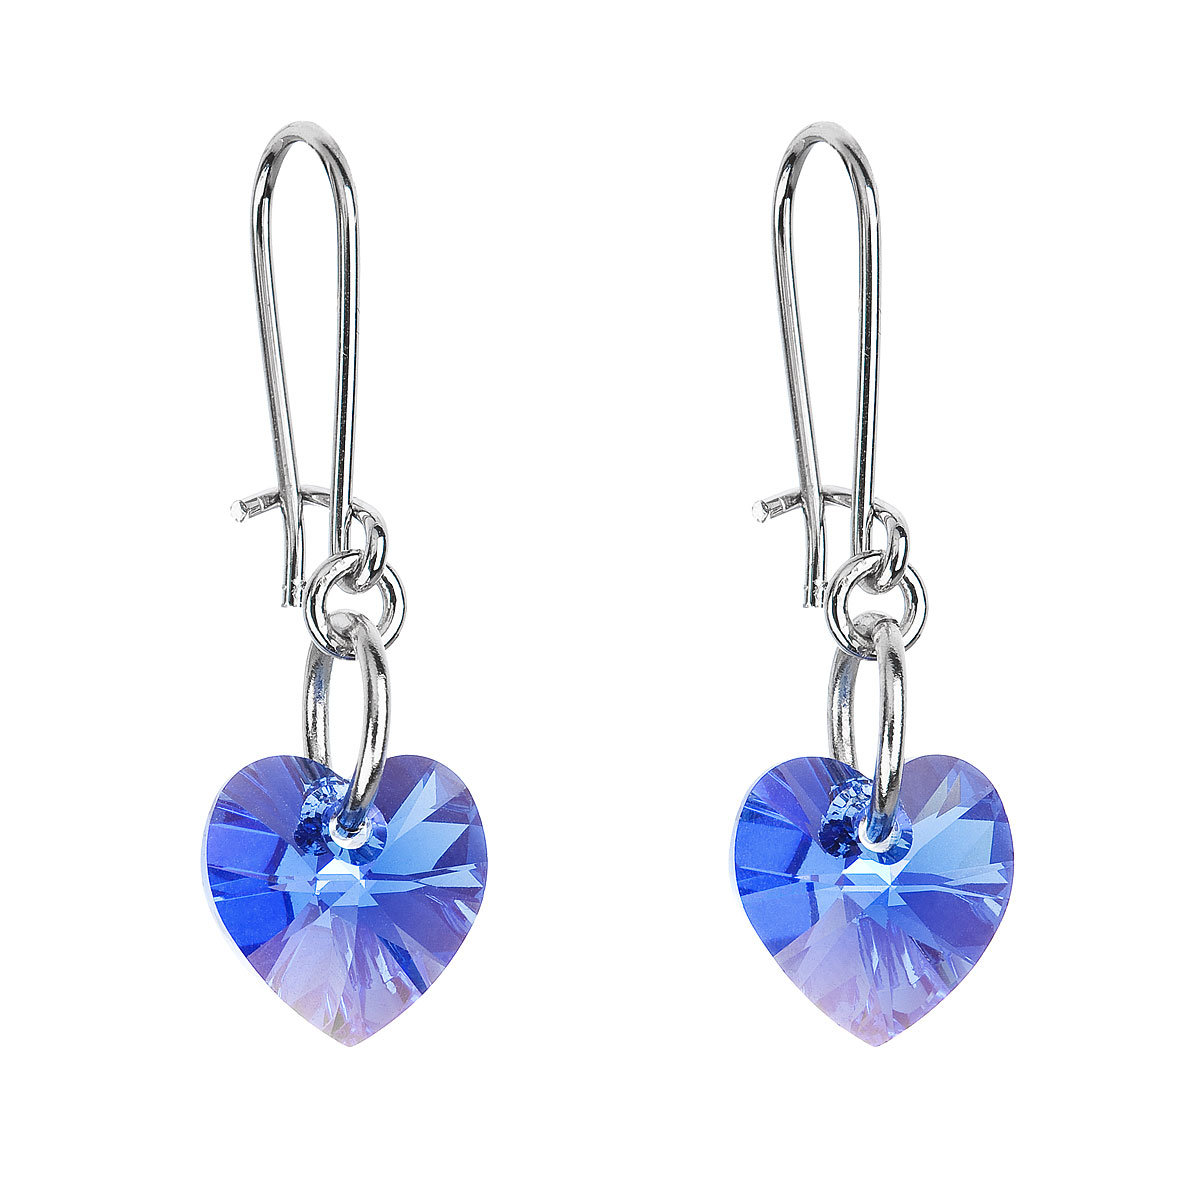 Náušnice bižutéria so Swarovski krištáľmi modré srdce 56006.3 sapphire